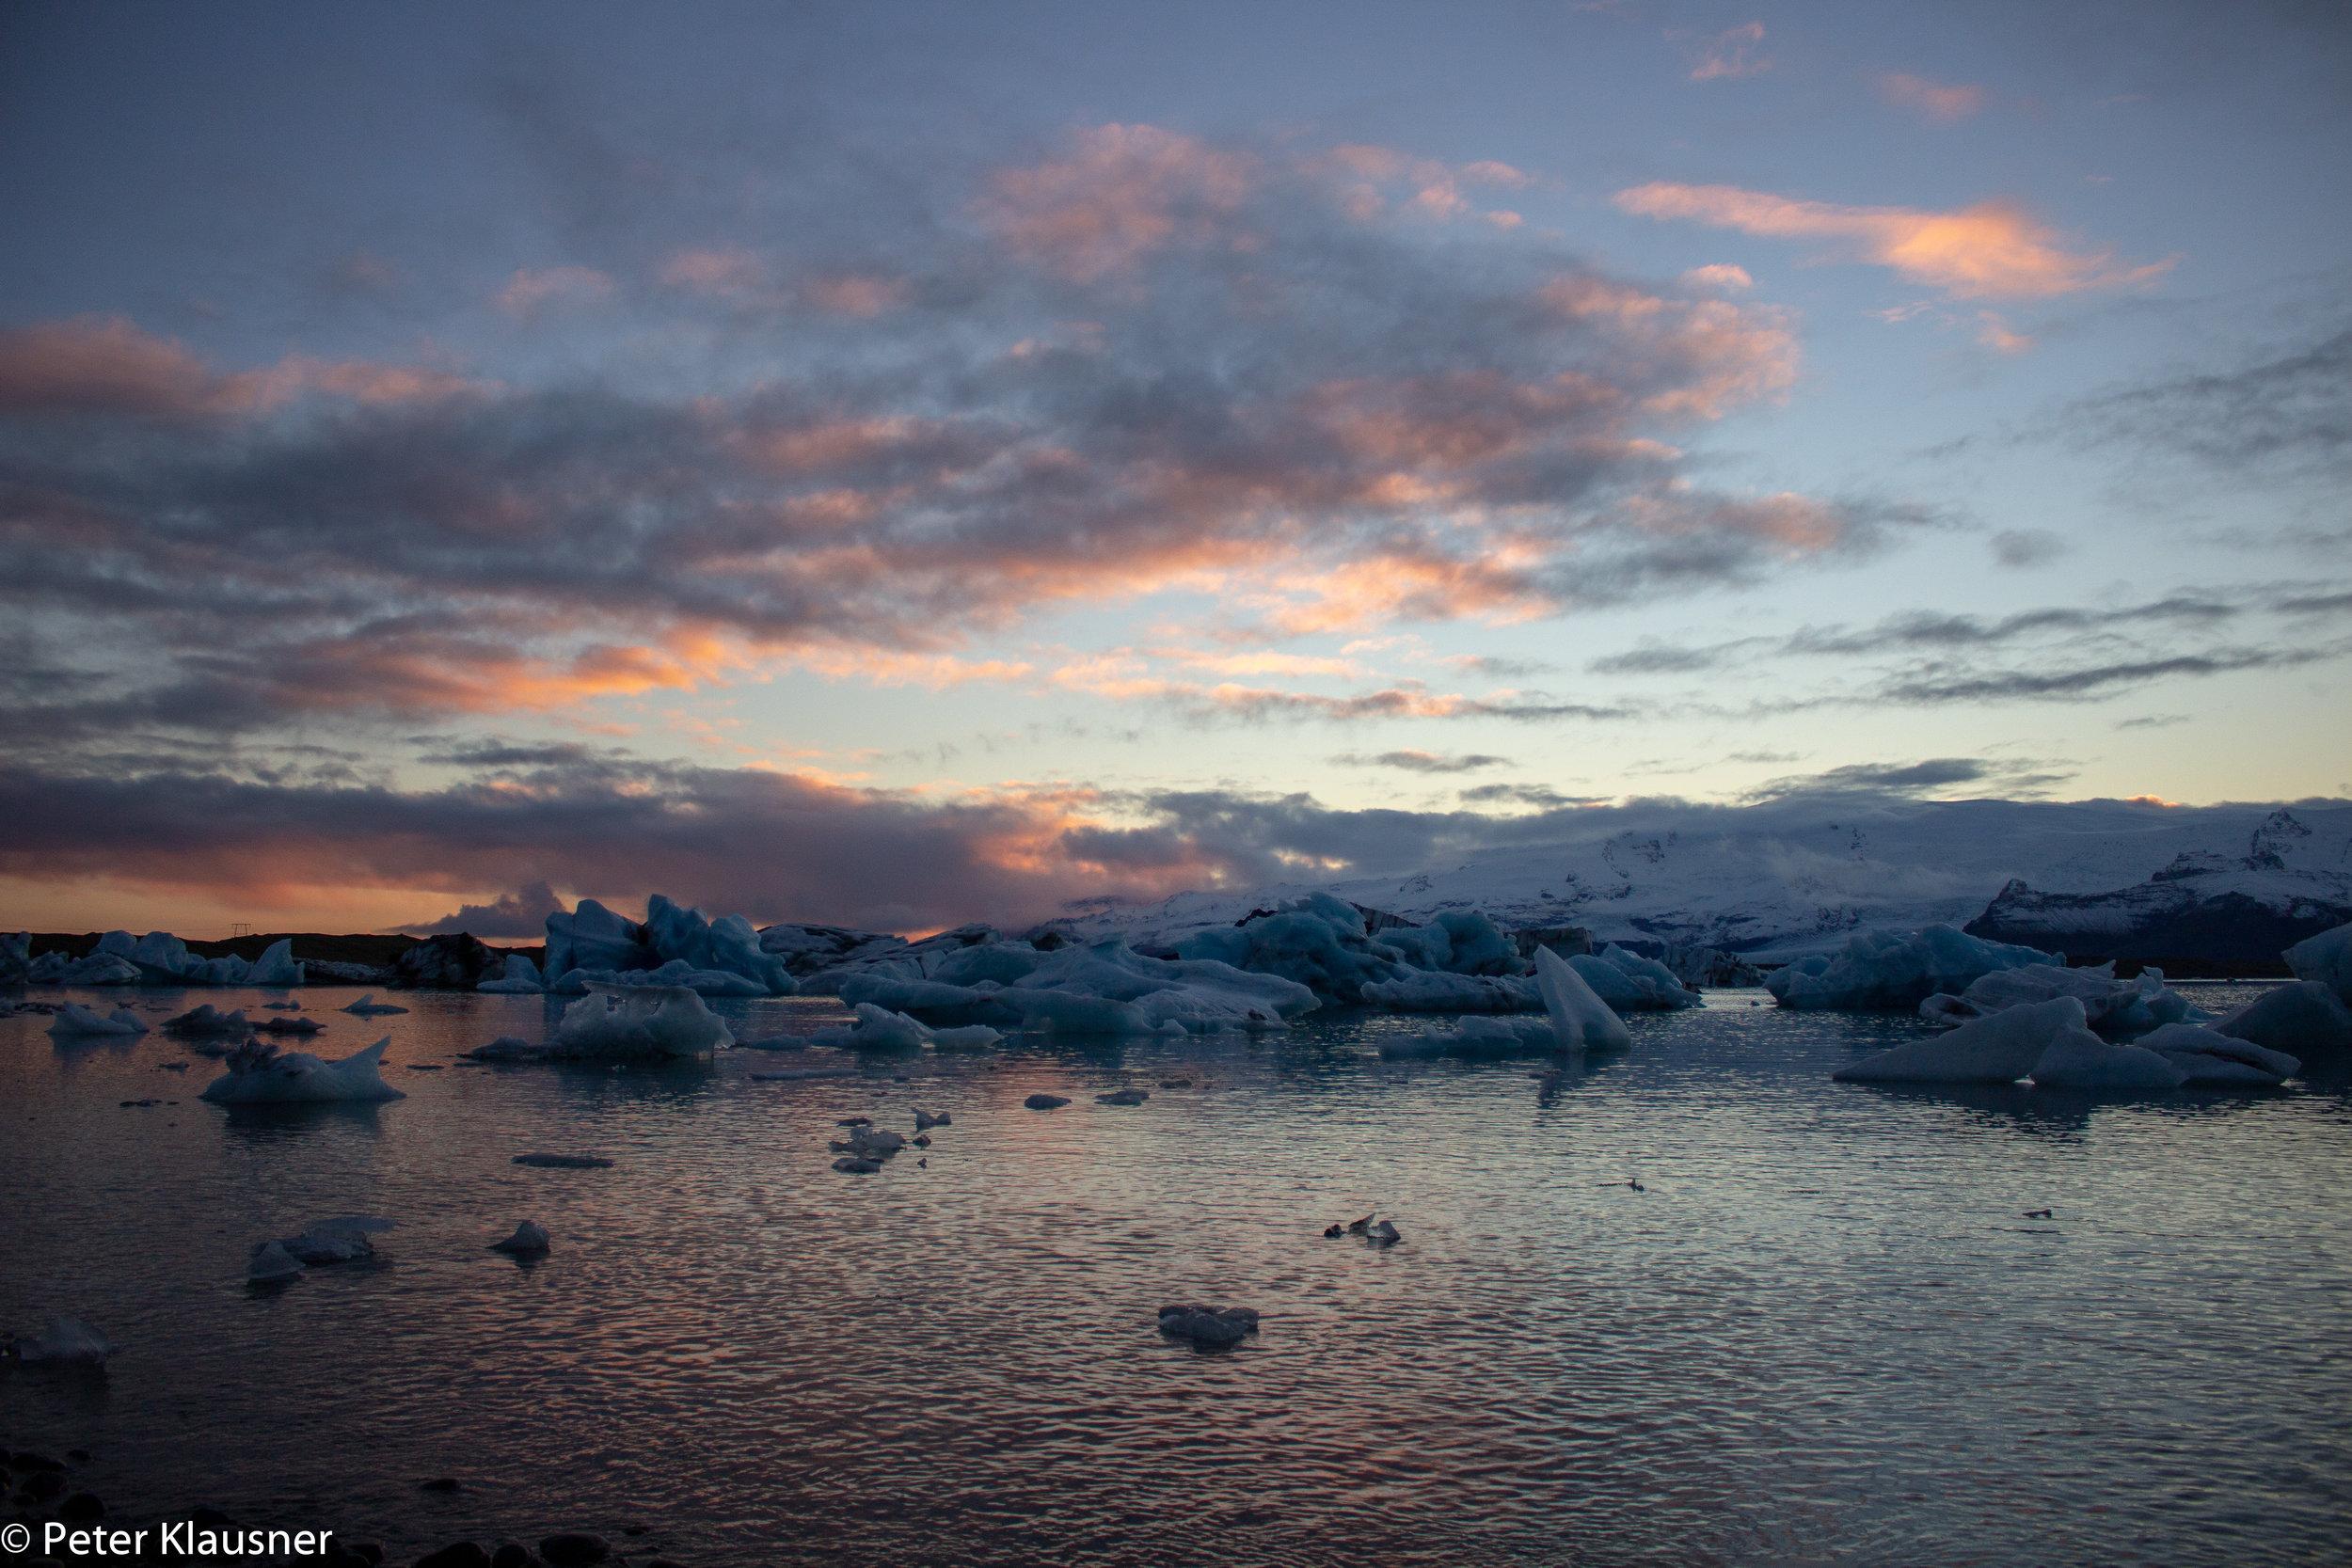 IcelandWebsite-48.jpg